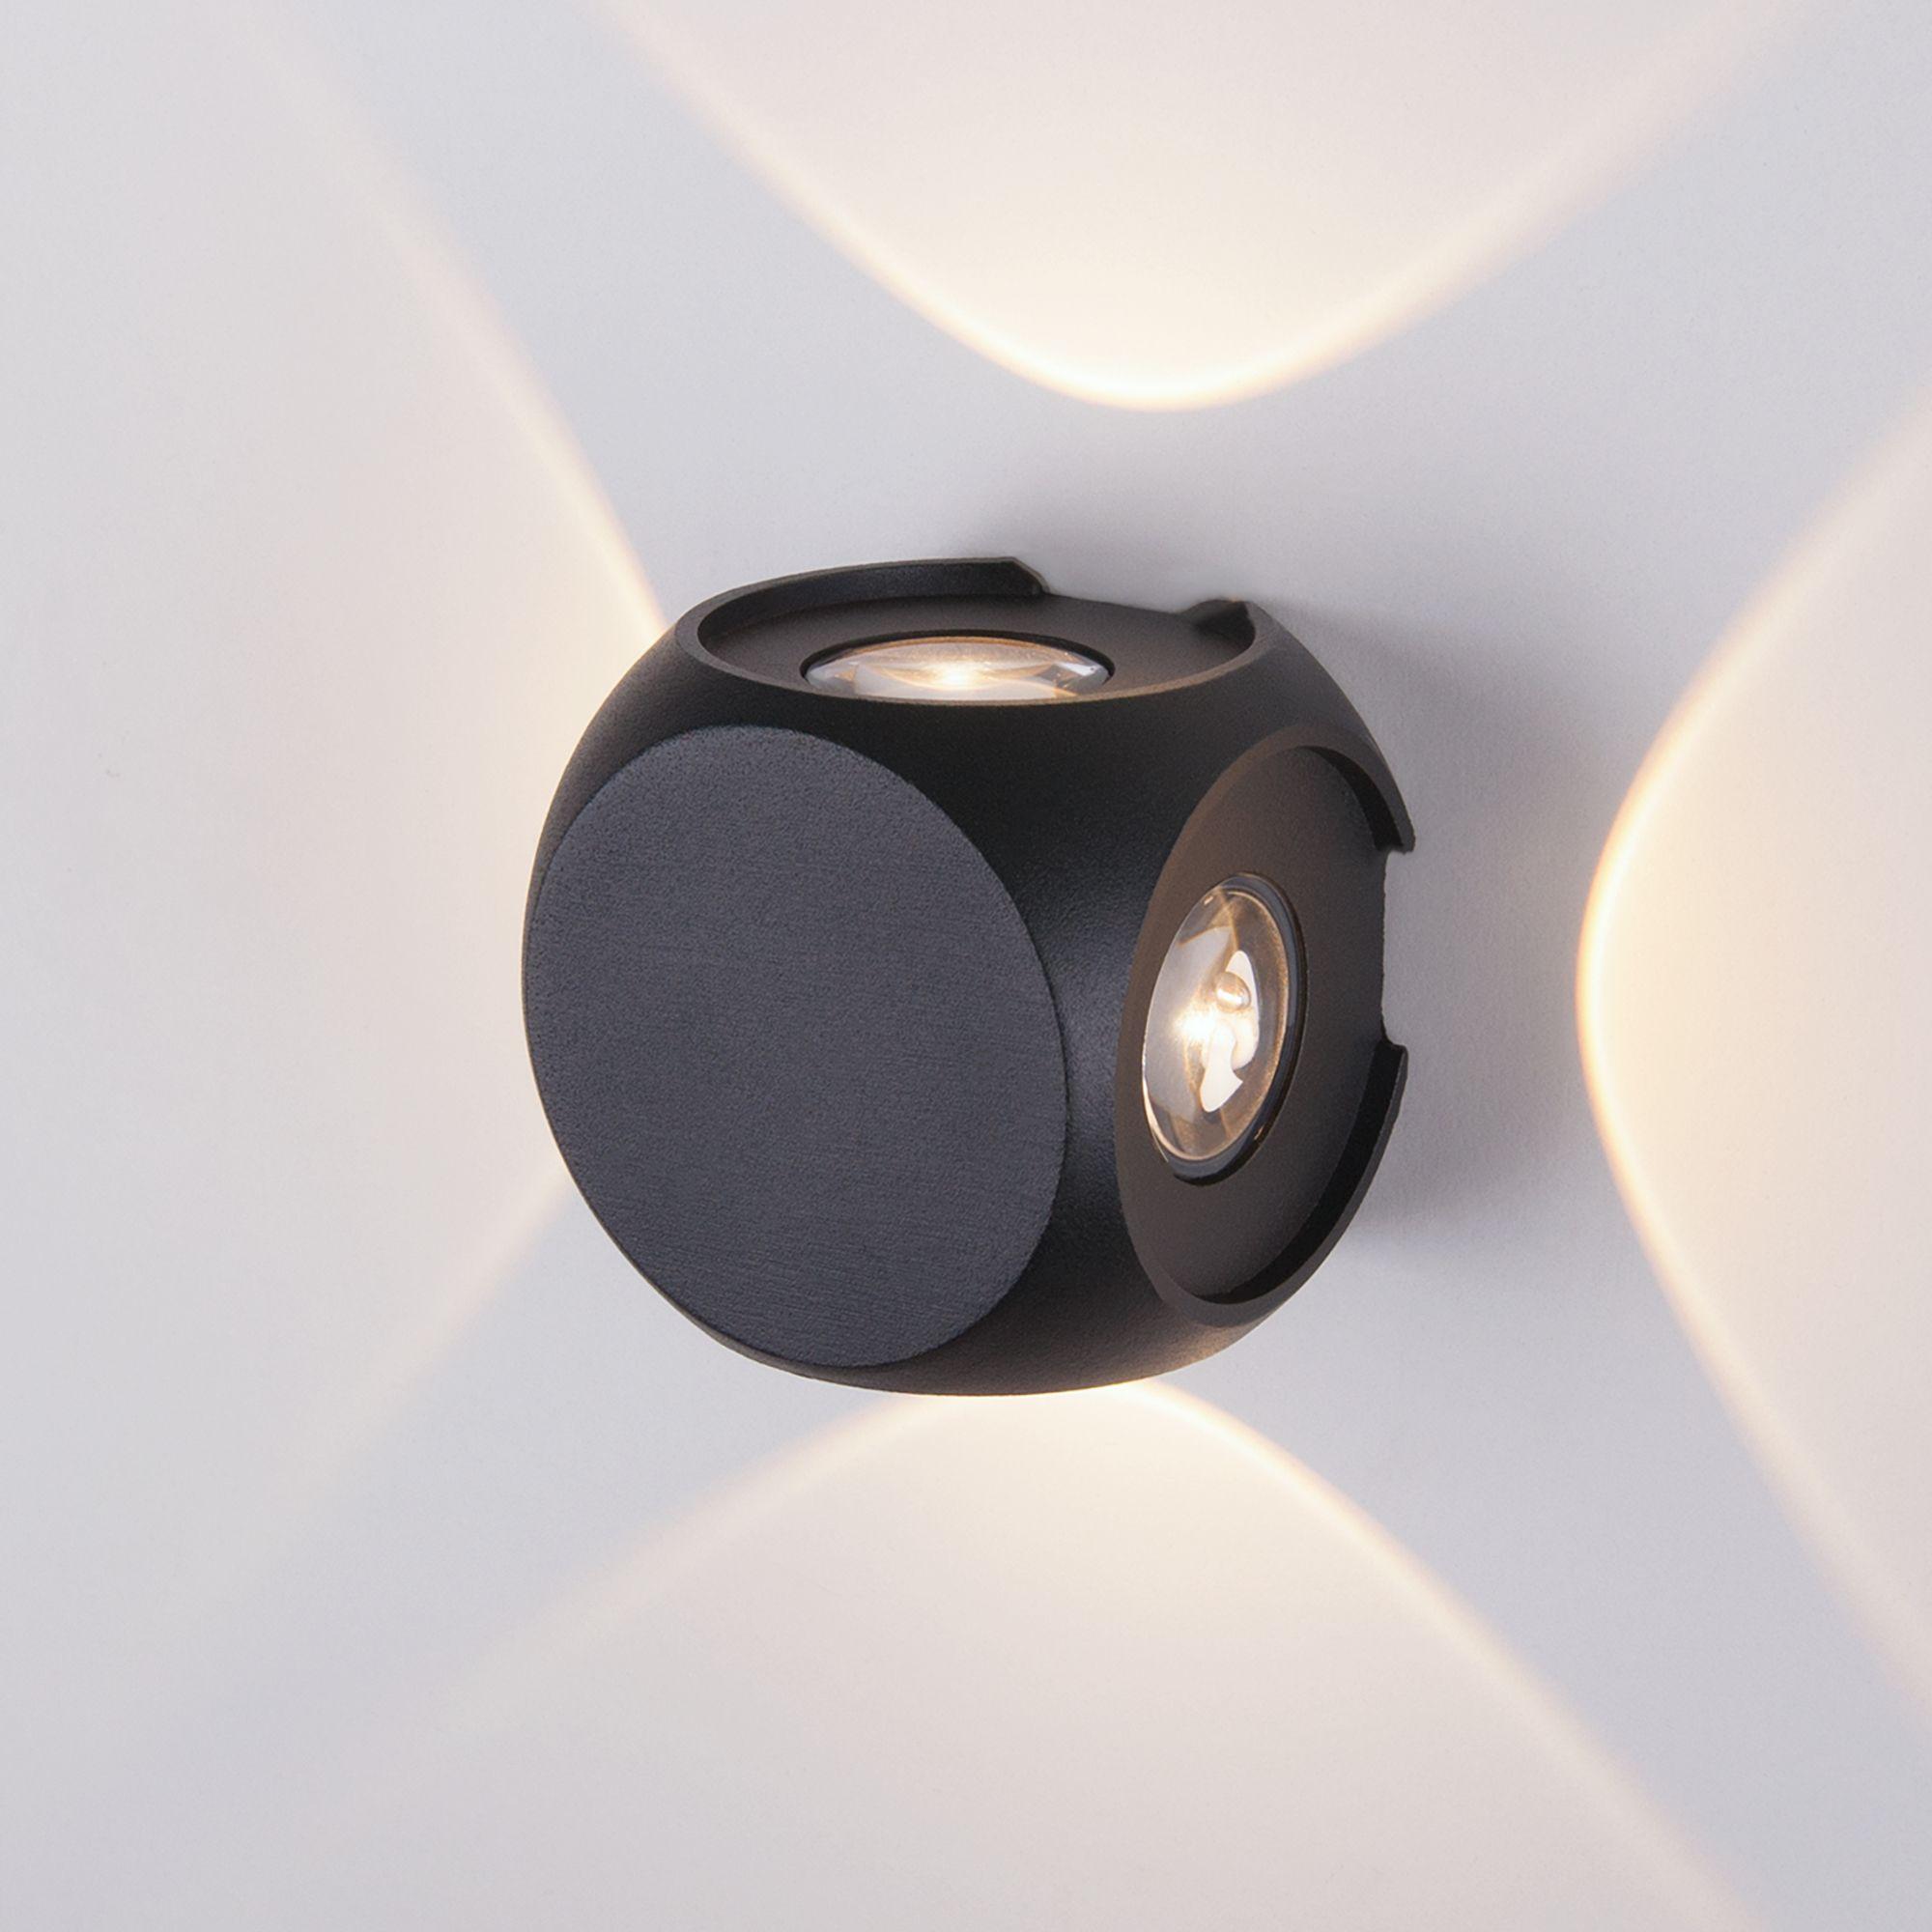 Уличный настенный светодиодный светильник CUBE черный 1504 TECHNO LED черный